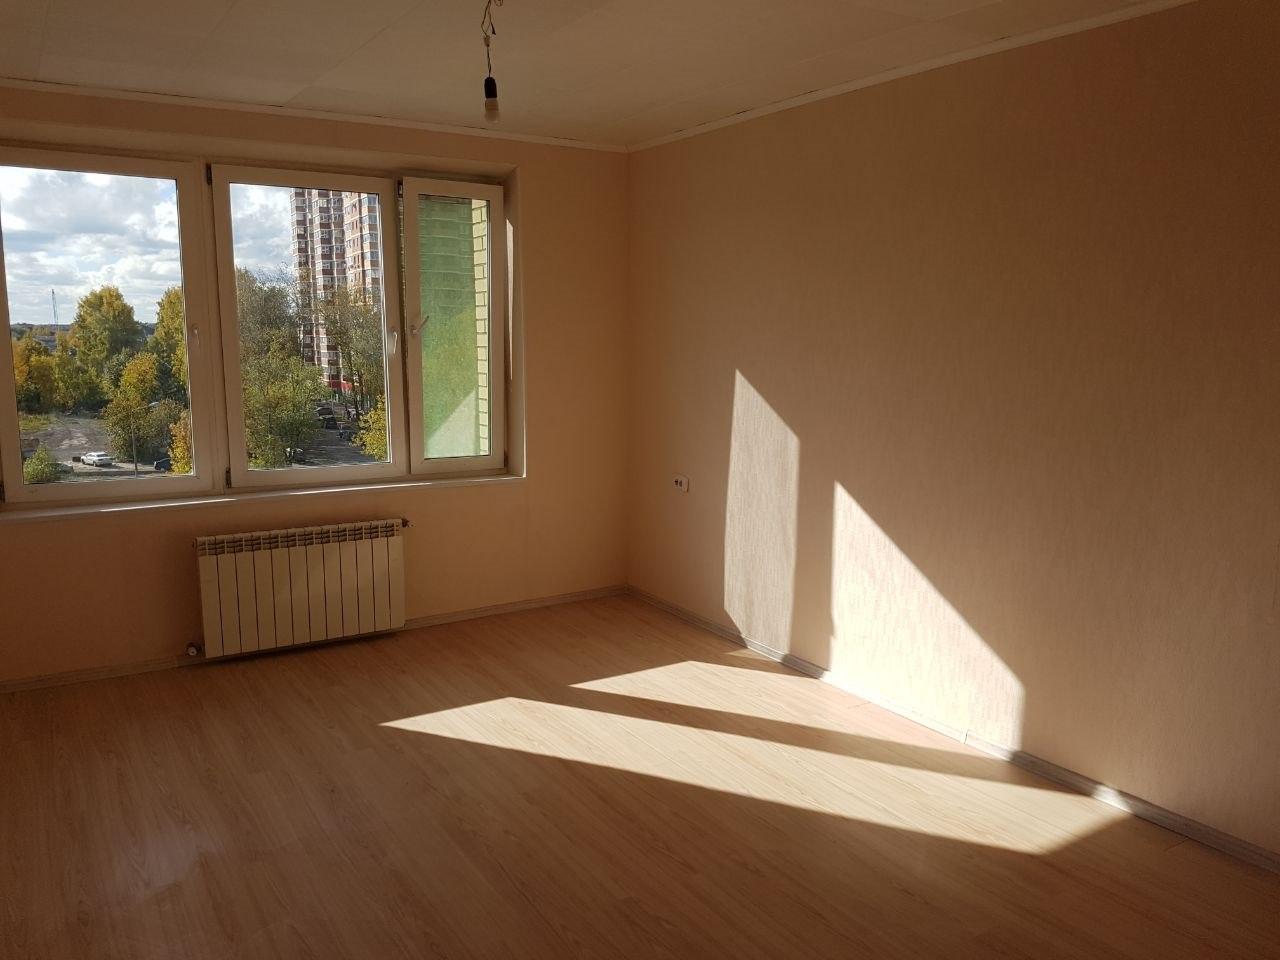 Продажа квартир: 1-комнатная квартира, Московская область, Химки, мкр. Планерная, 19, фото 1